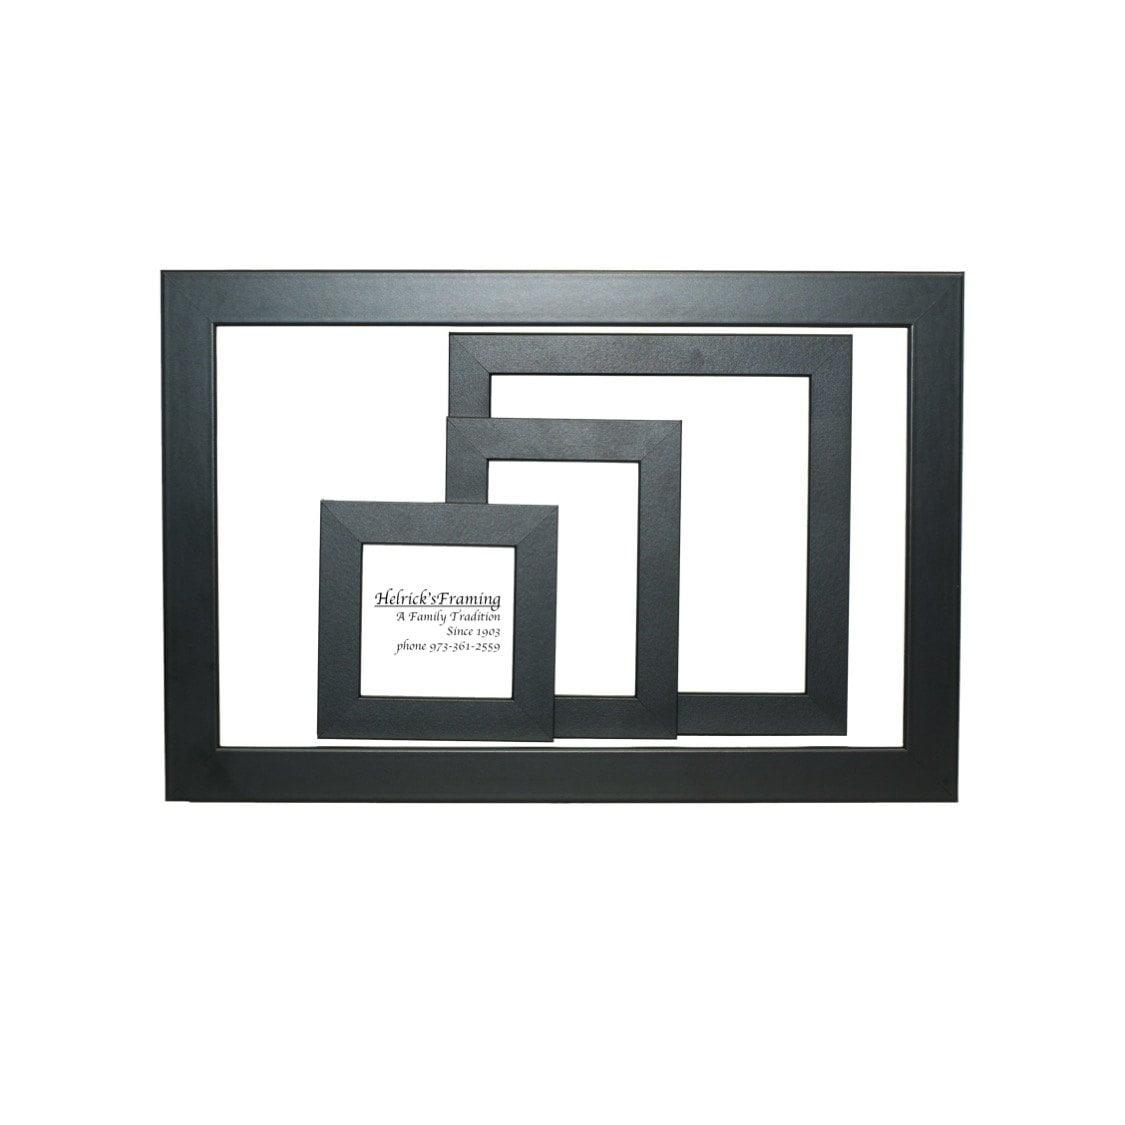 Black picture frames 4x4 4x6 5x5 5x7 6x6 7x7 8x10 85x115 zoom jeuxipadfo Choice Image